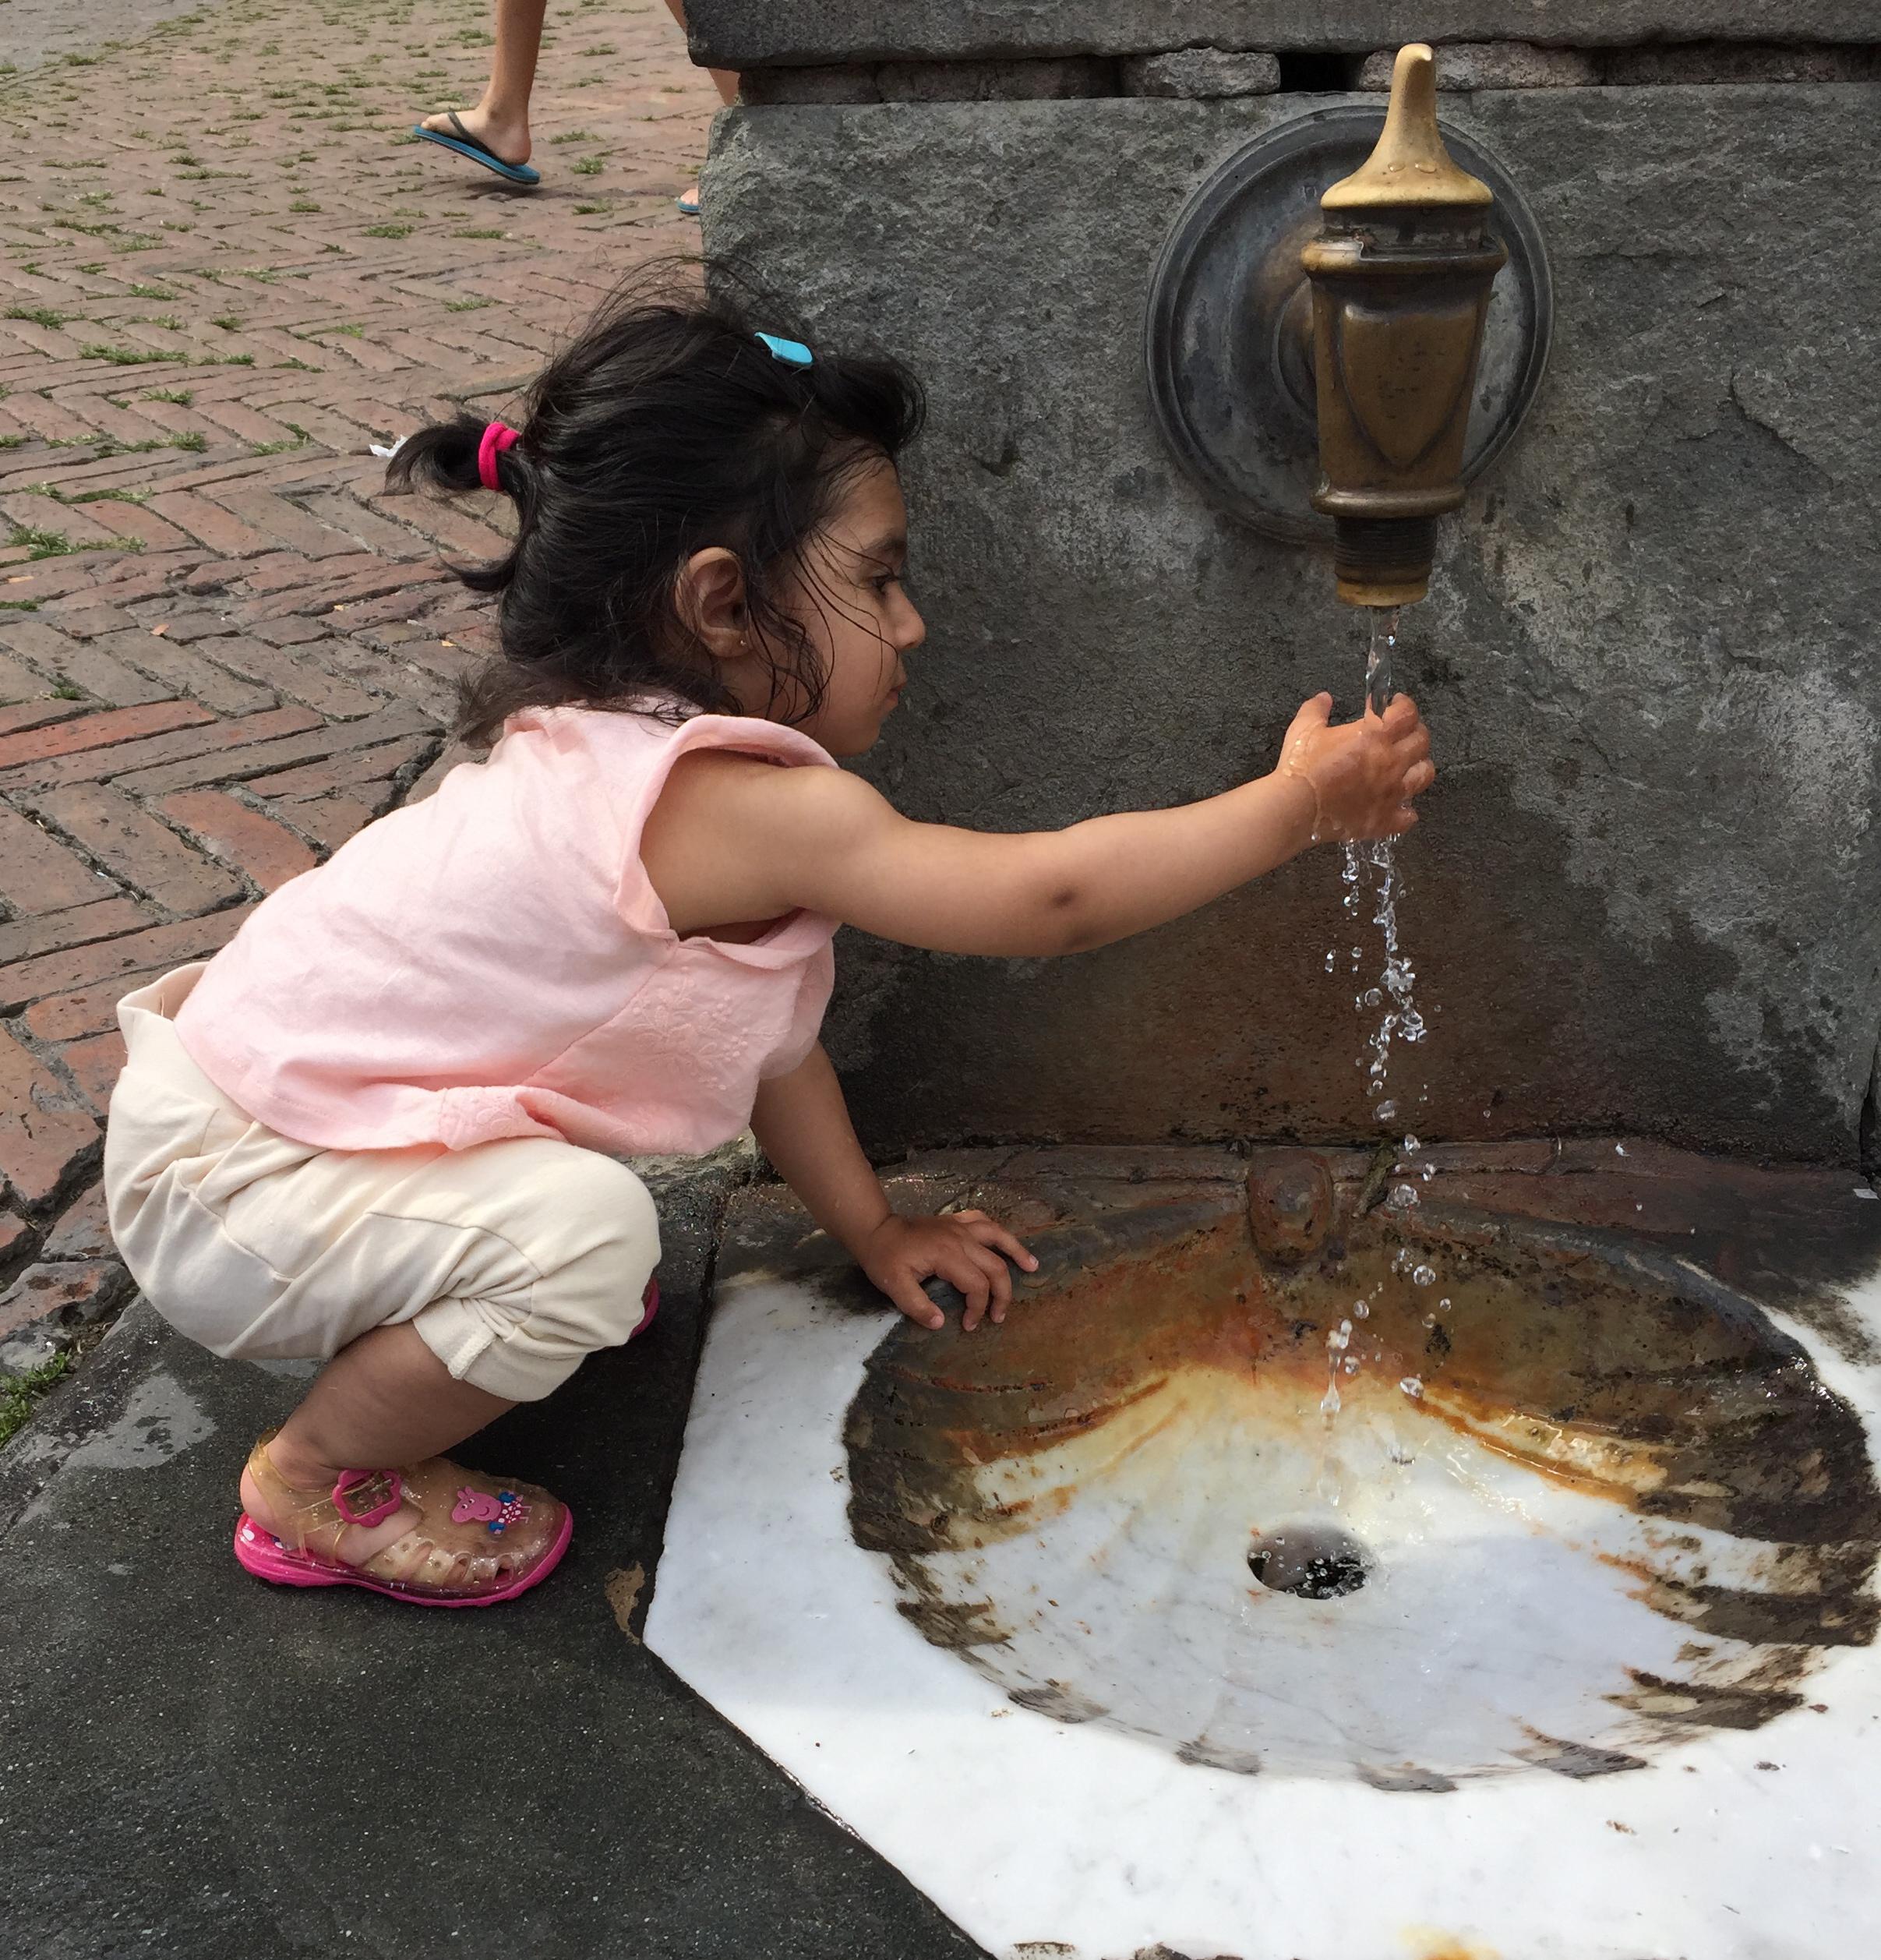 She loves water - in Siena